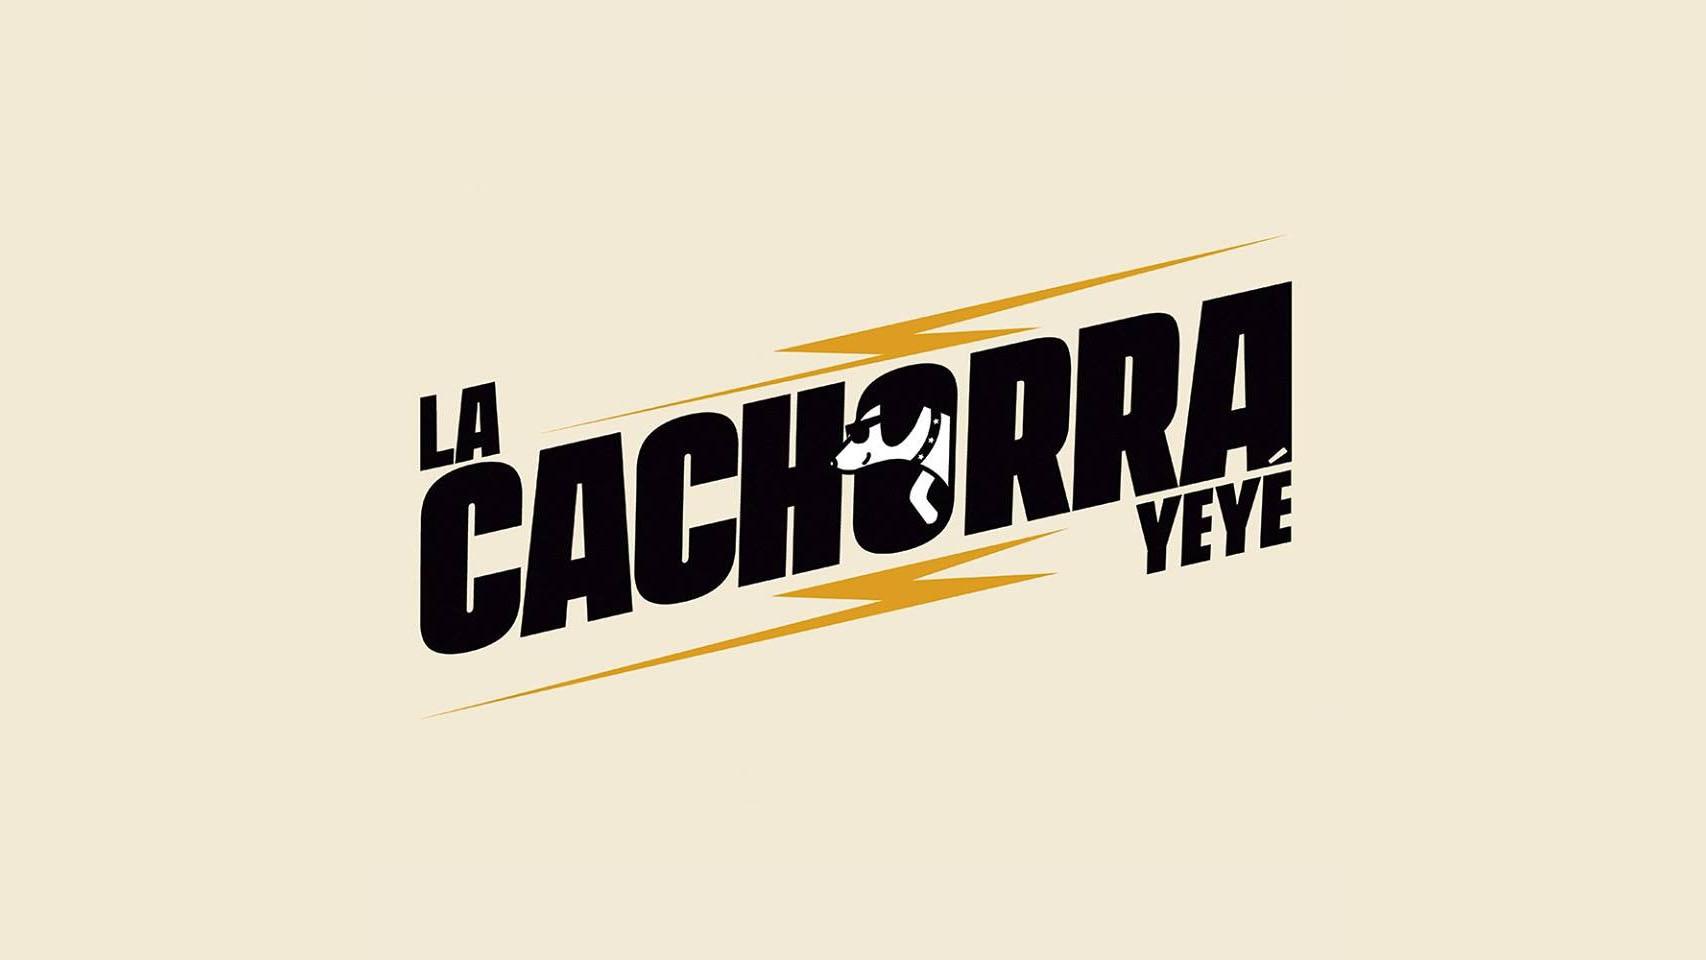 Logo de La Cachorra yeyé